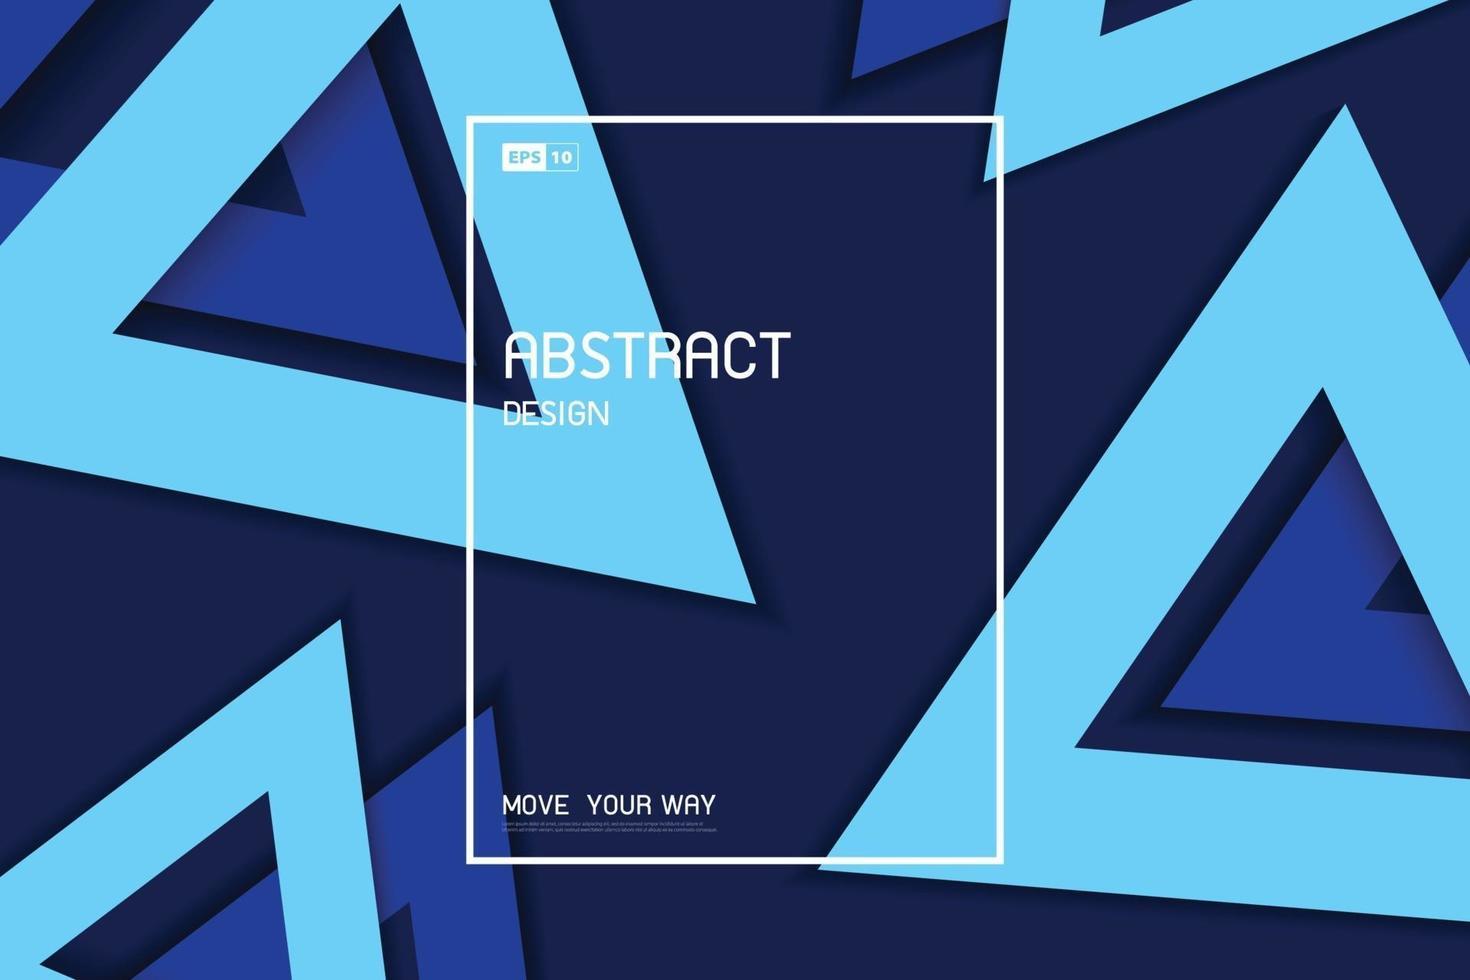 Triángulo azul abstracto geométrico del fondo decorativo del modelo de las ilustraciones del diseño mínimo. vector de ilustración